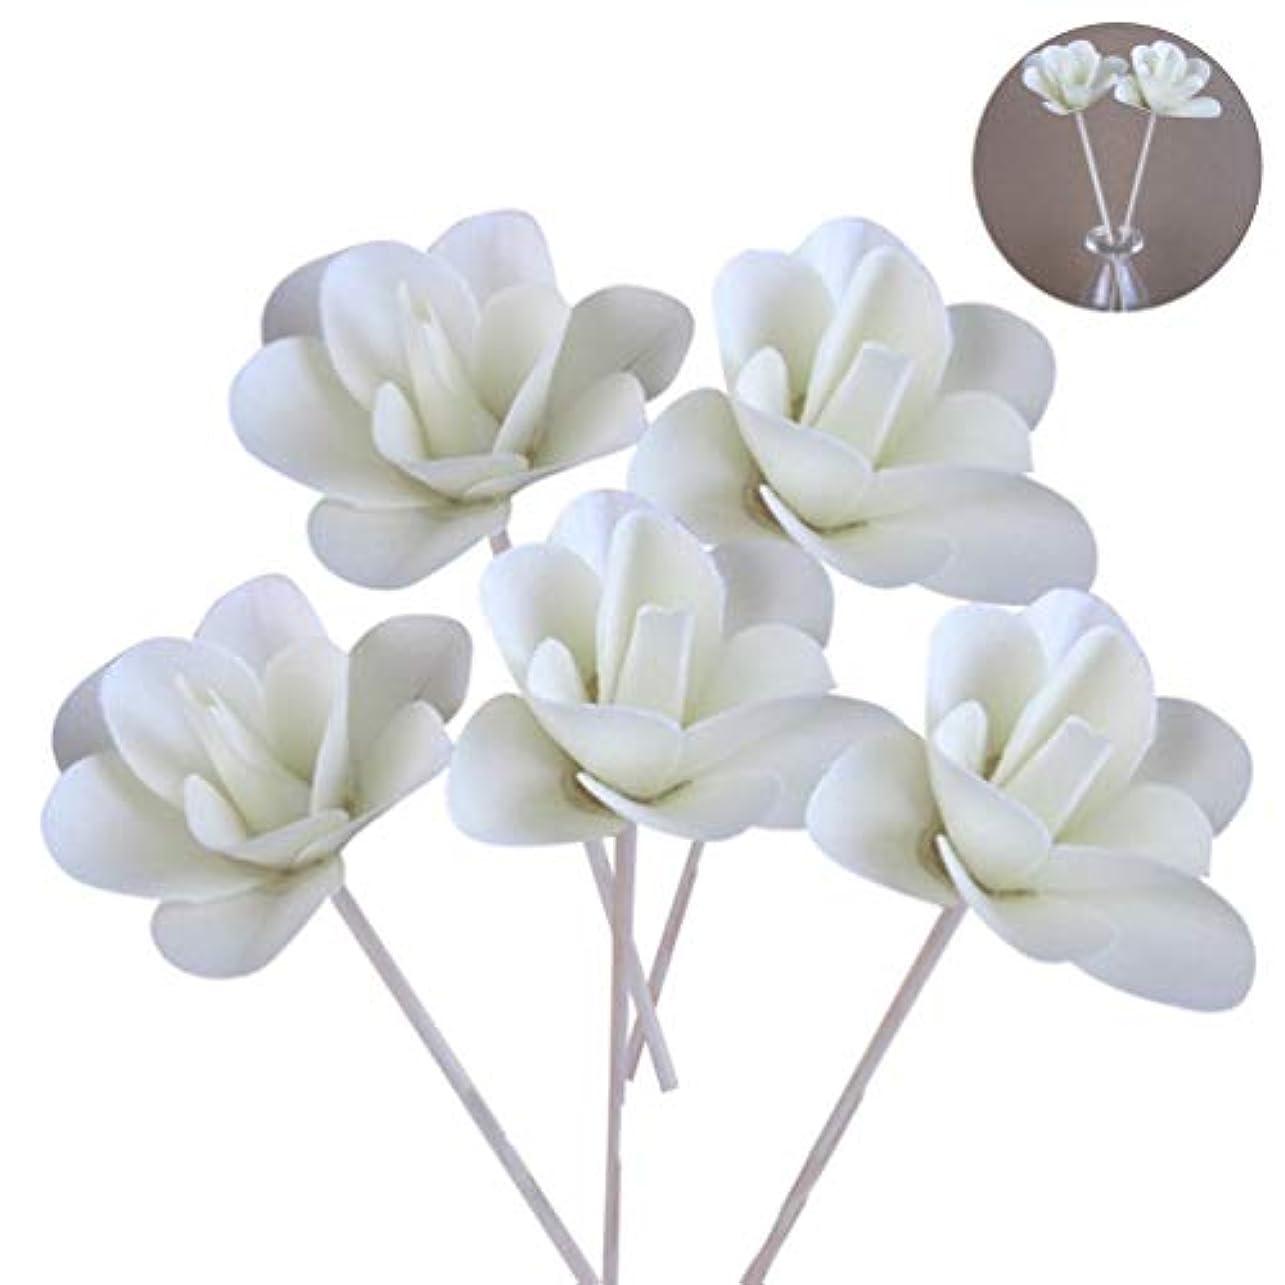 アセンブリ感性むしゃむしゃ(ライチ) Lychee 5本入り ラタンスティック 花 リードディフューザー用 リフィル 高品質 かわいい クラフト ホワイト